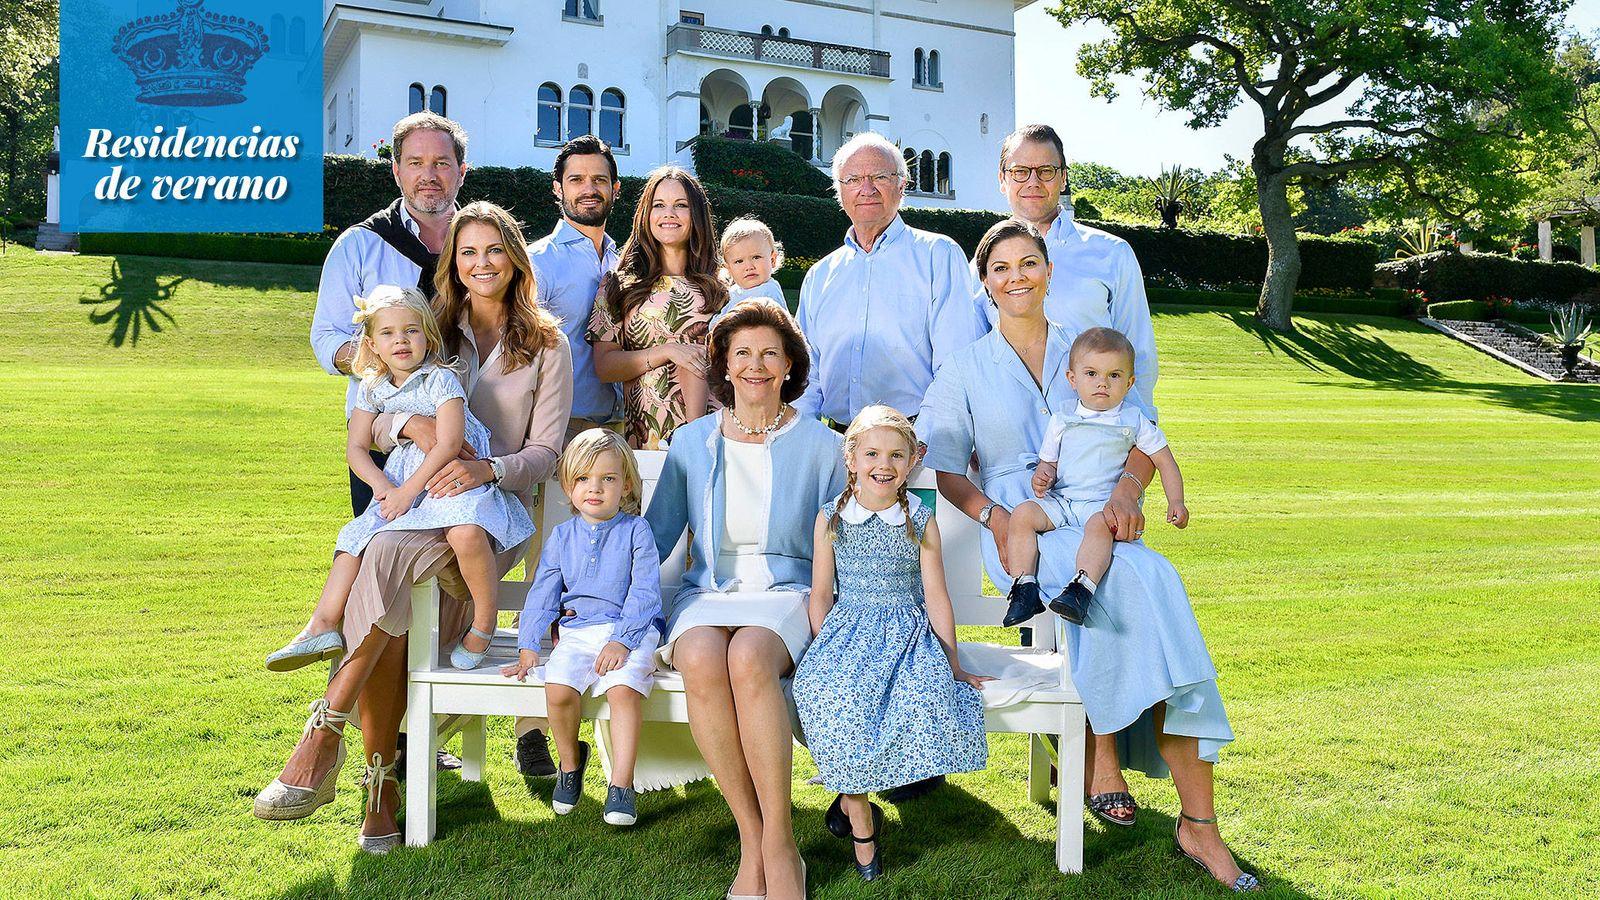 Foto: La familia real sueca al completo, en los jardines del castillo de Solliden. (Öland)